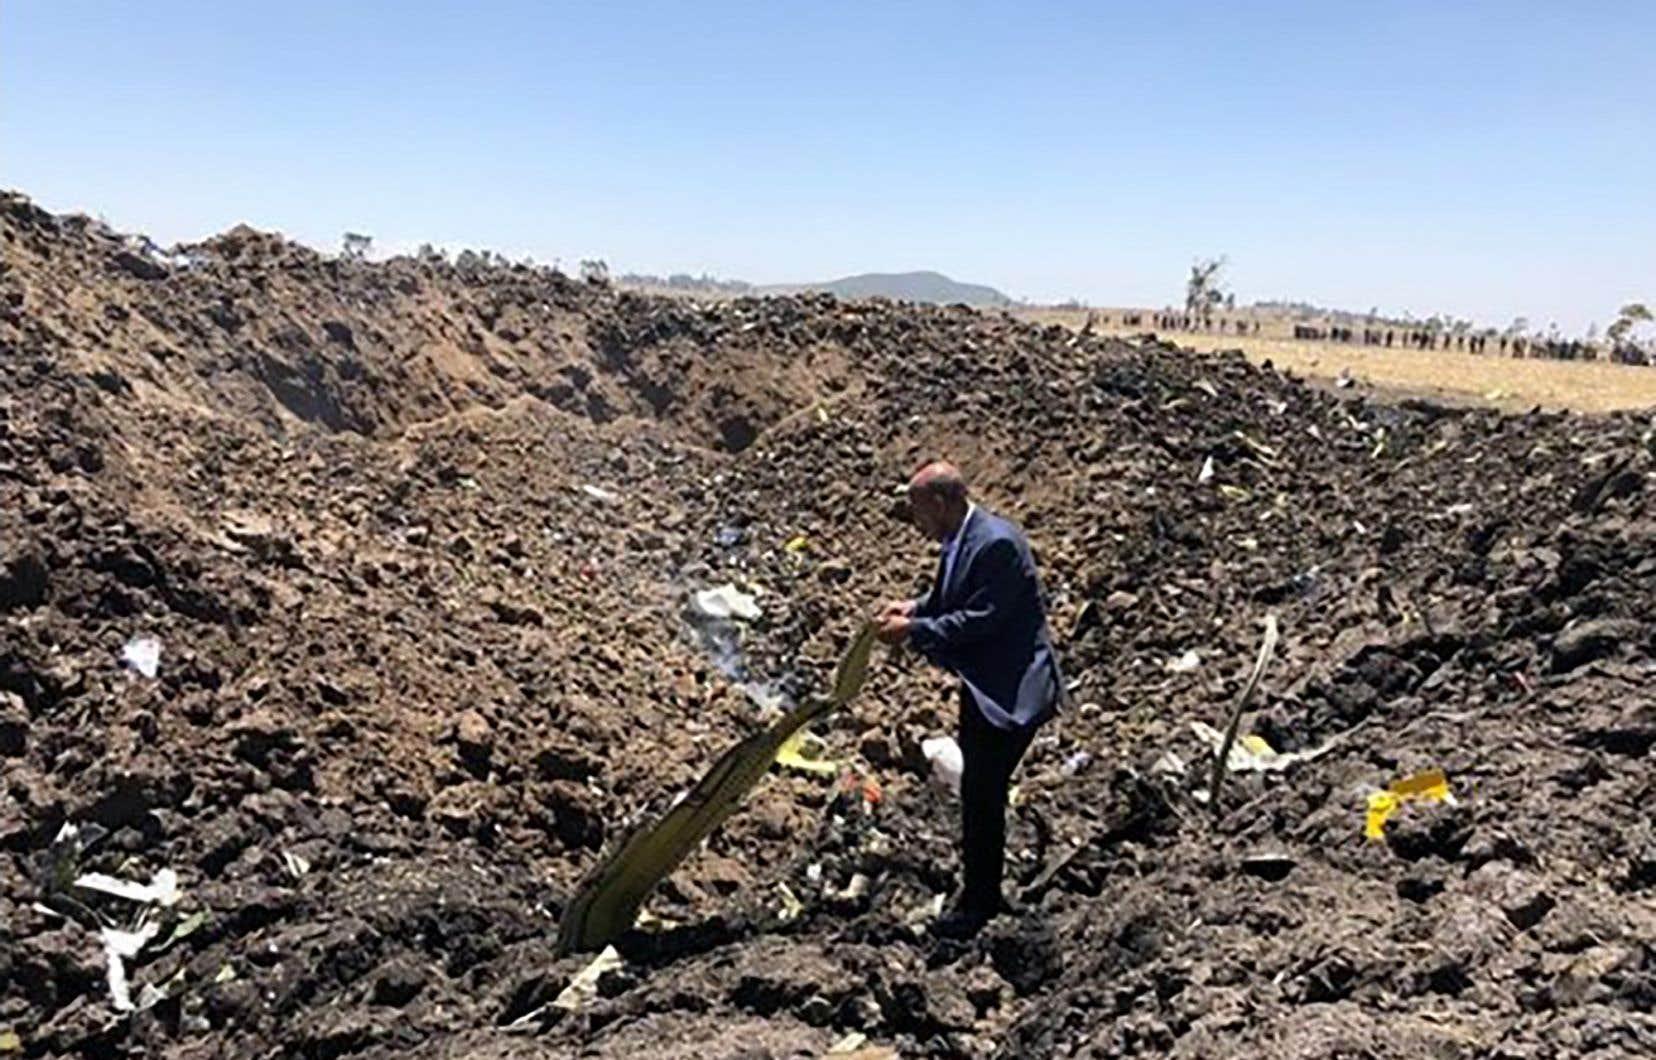 Les 157 passagers et membres de l'équipage qui avaient pris place à bord du vol d'Ethiopian Airlines sont morts dimanche, a confirmé la compagnie.